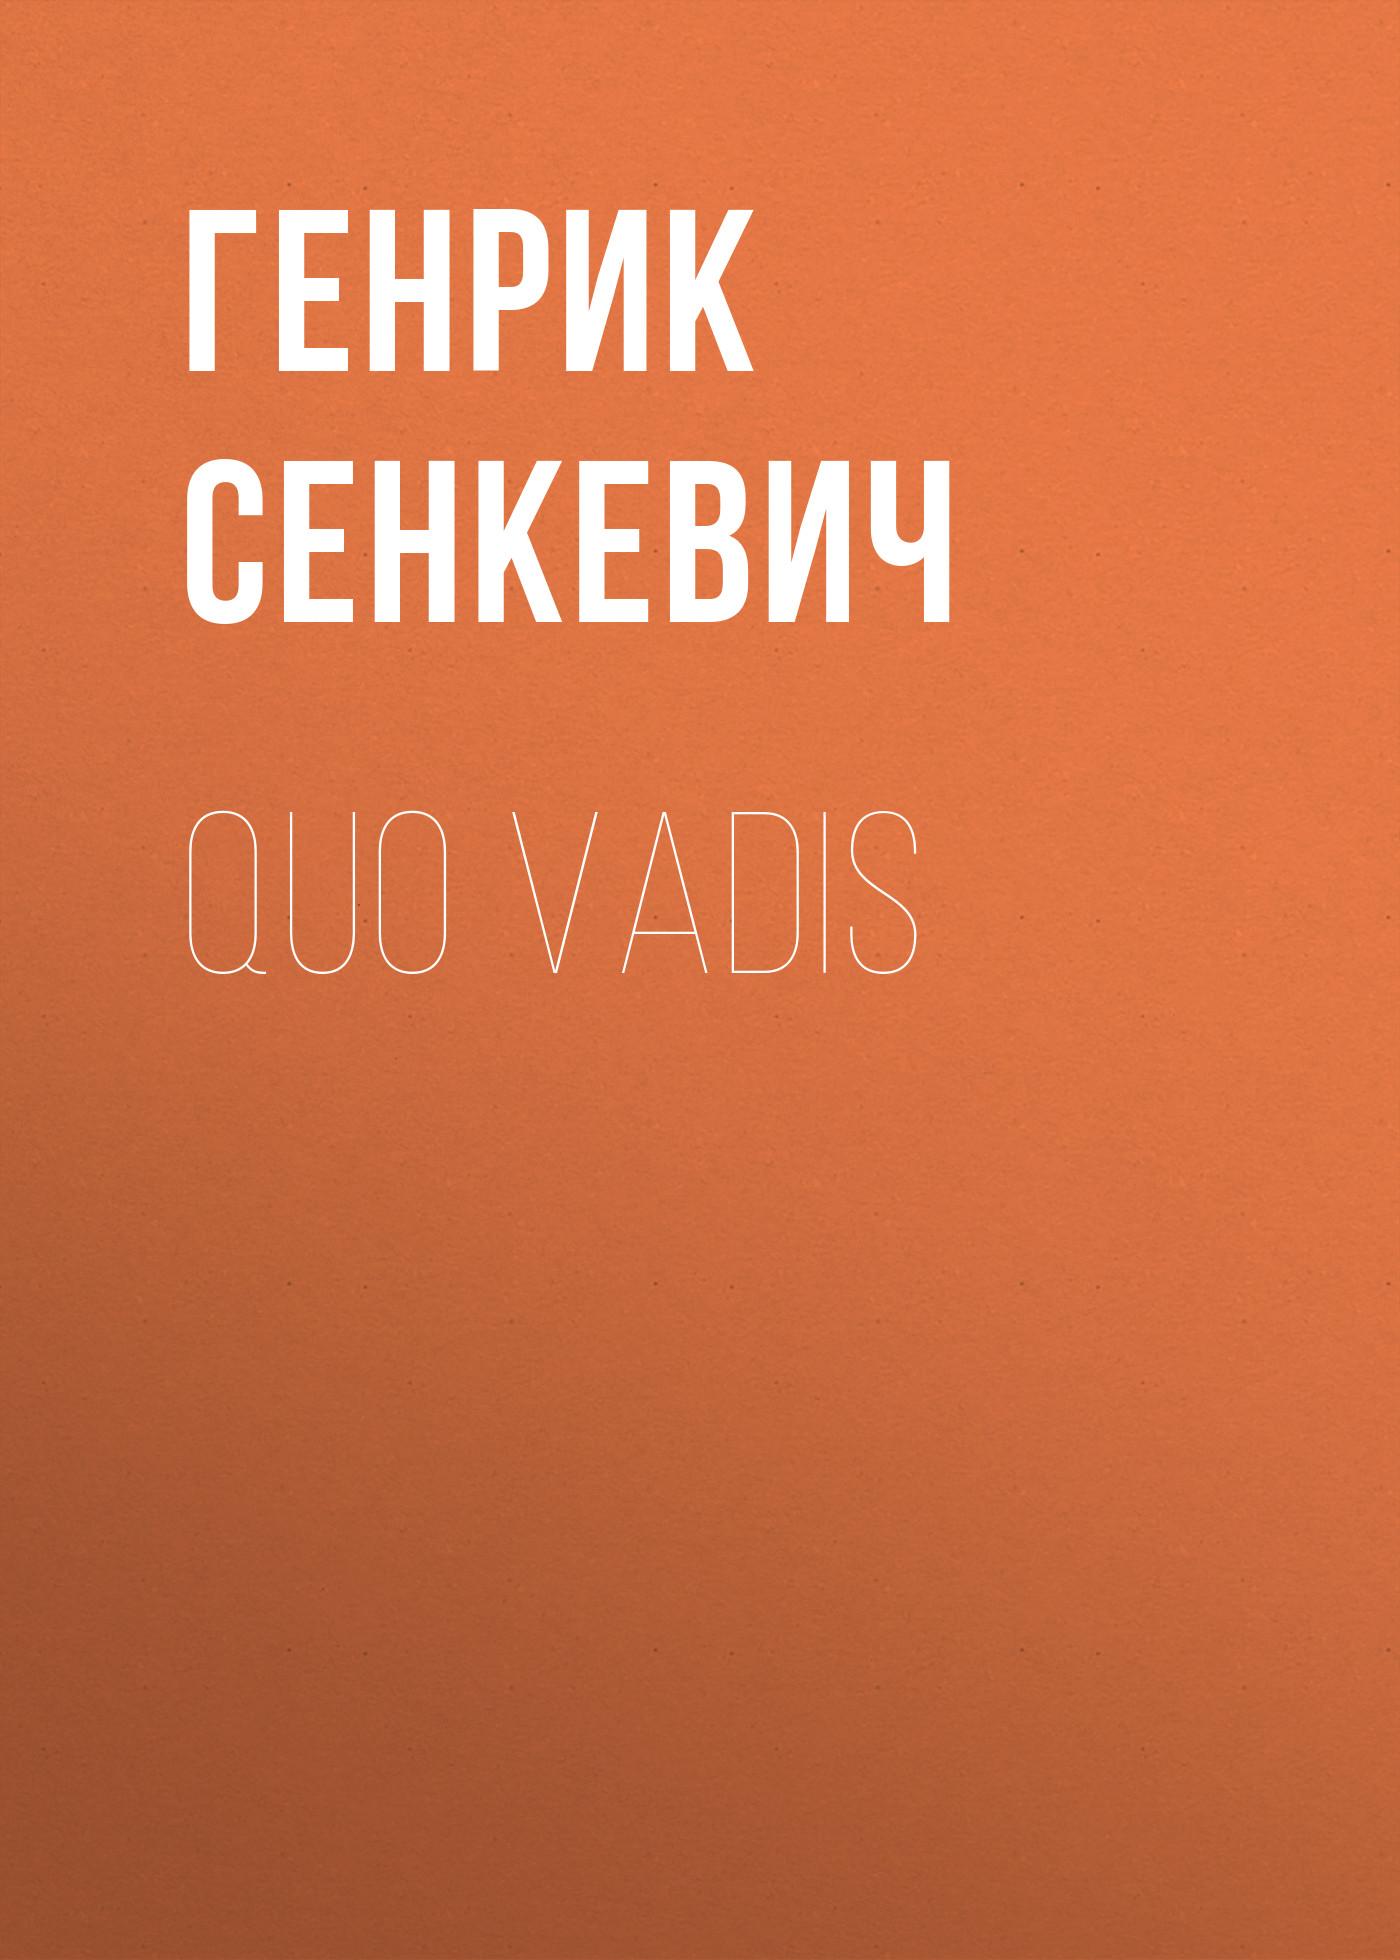 Фото - Генрик Сенкевич Quo Vadis генрик сенкевич камо грядеши quo vadis